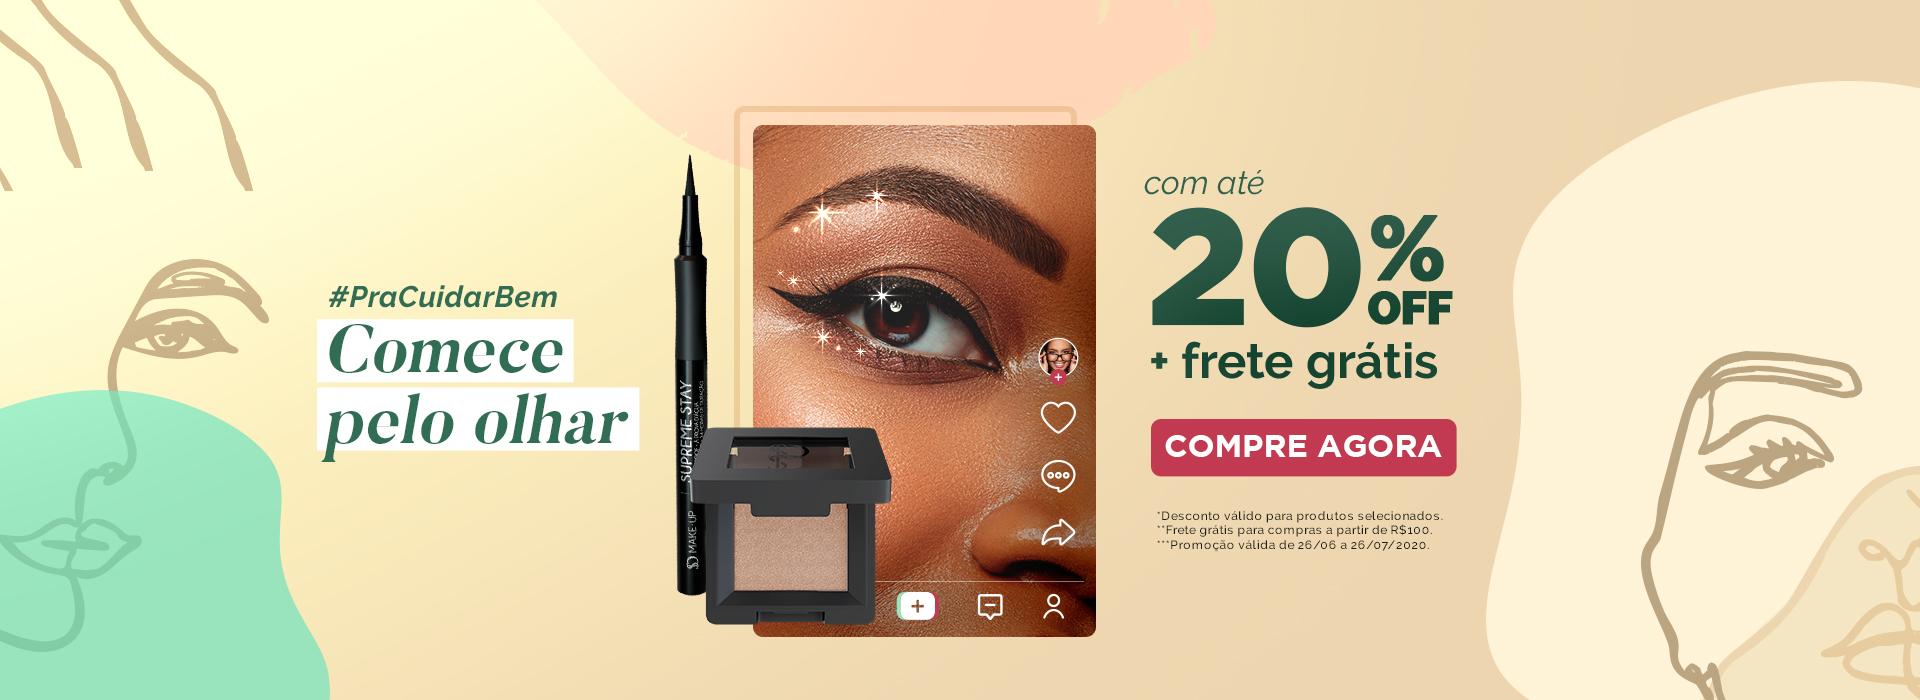 banner 20%OFF + frete grátis